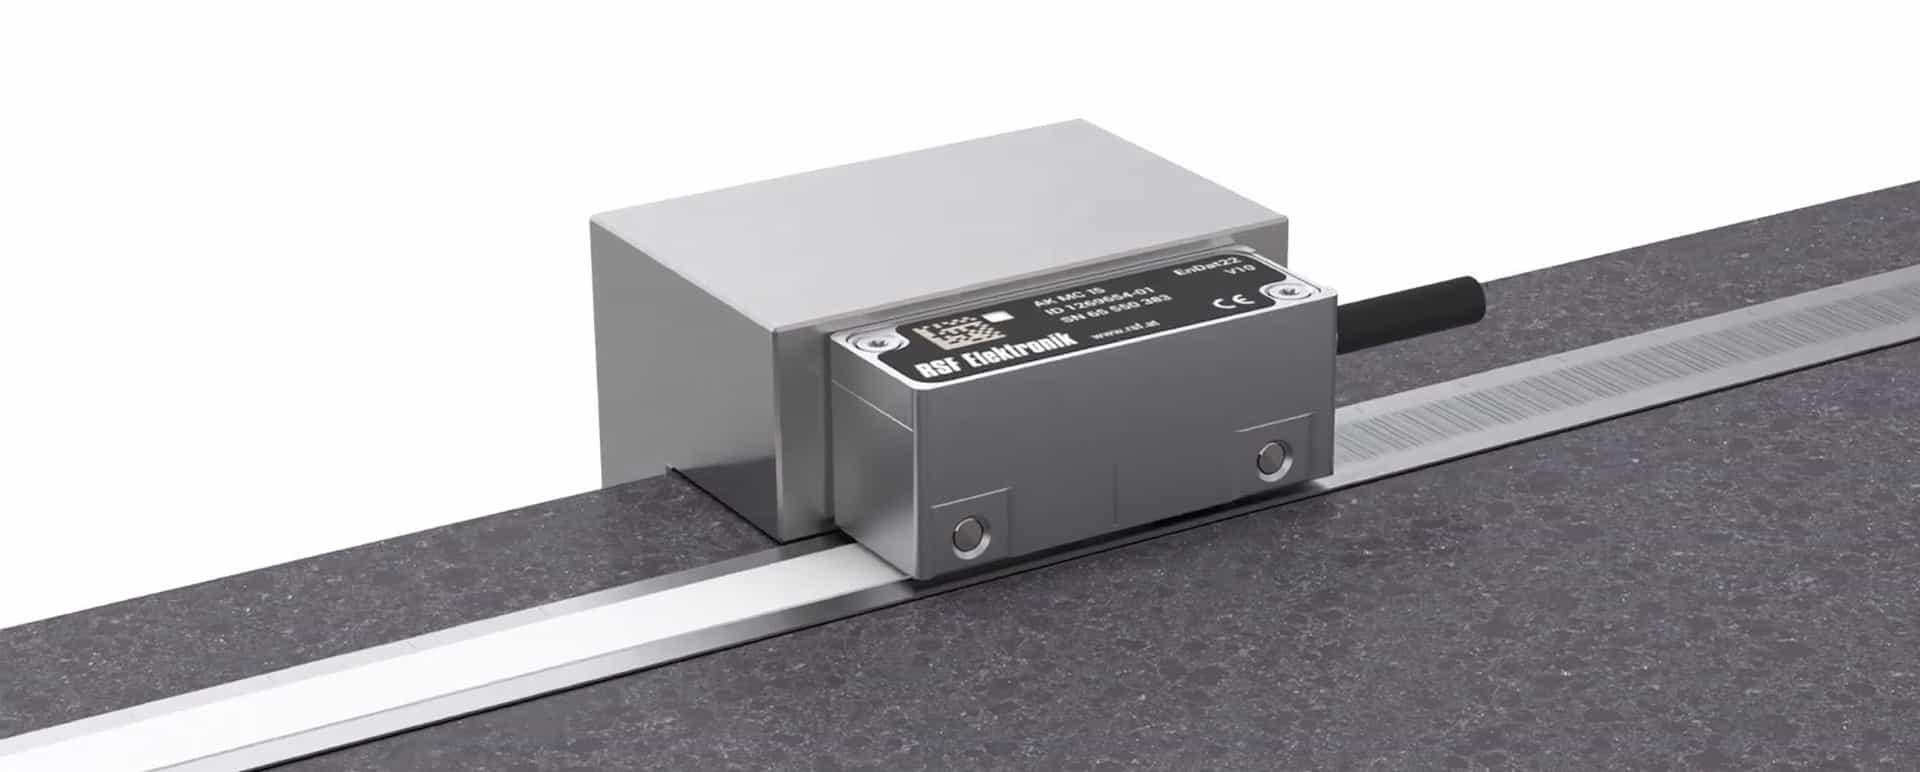 RSF Elektronik - csm Slider 3D